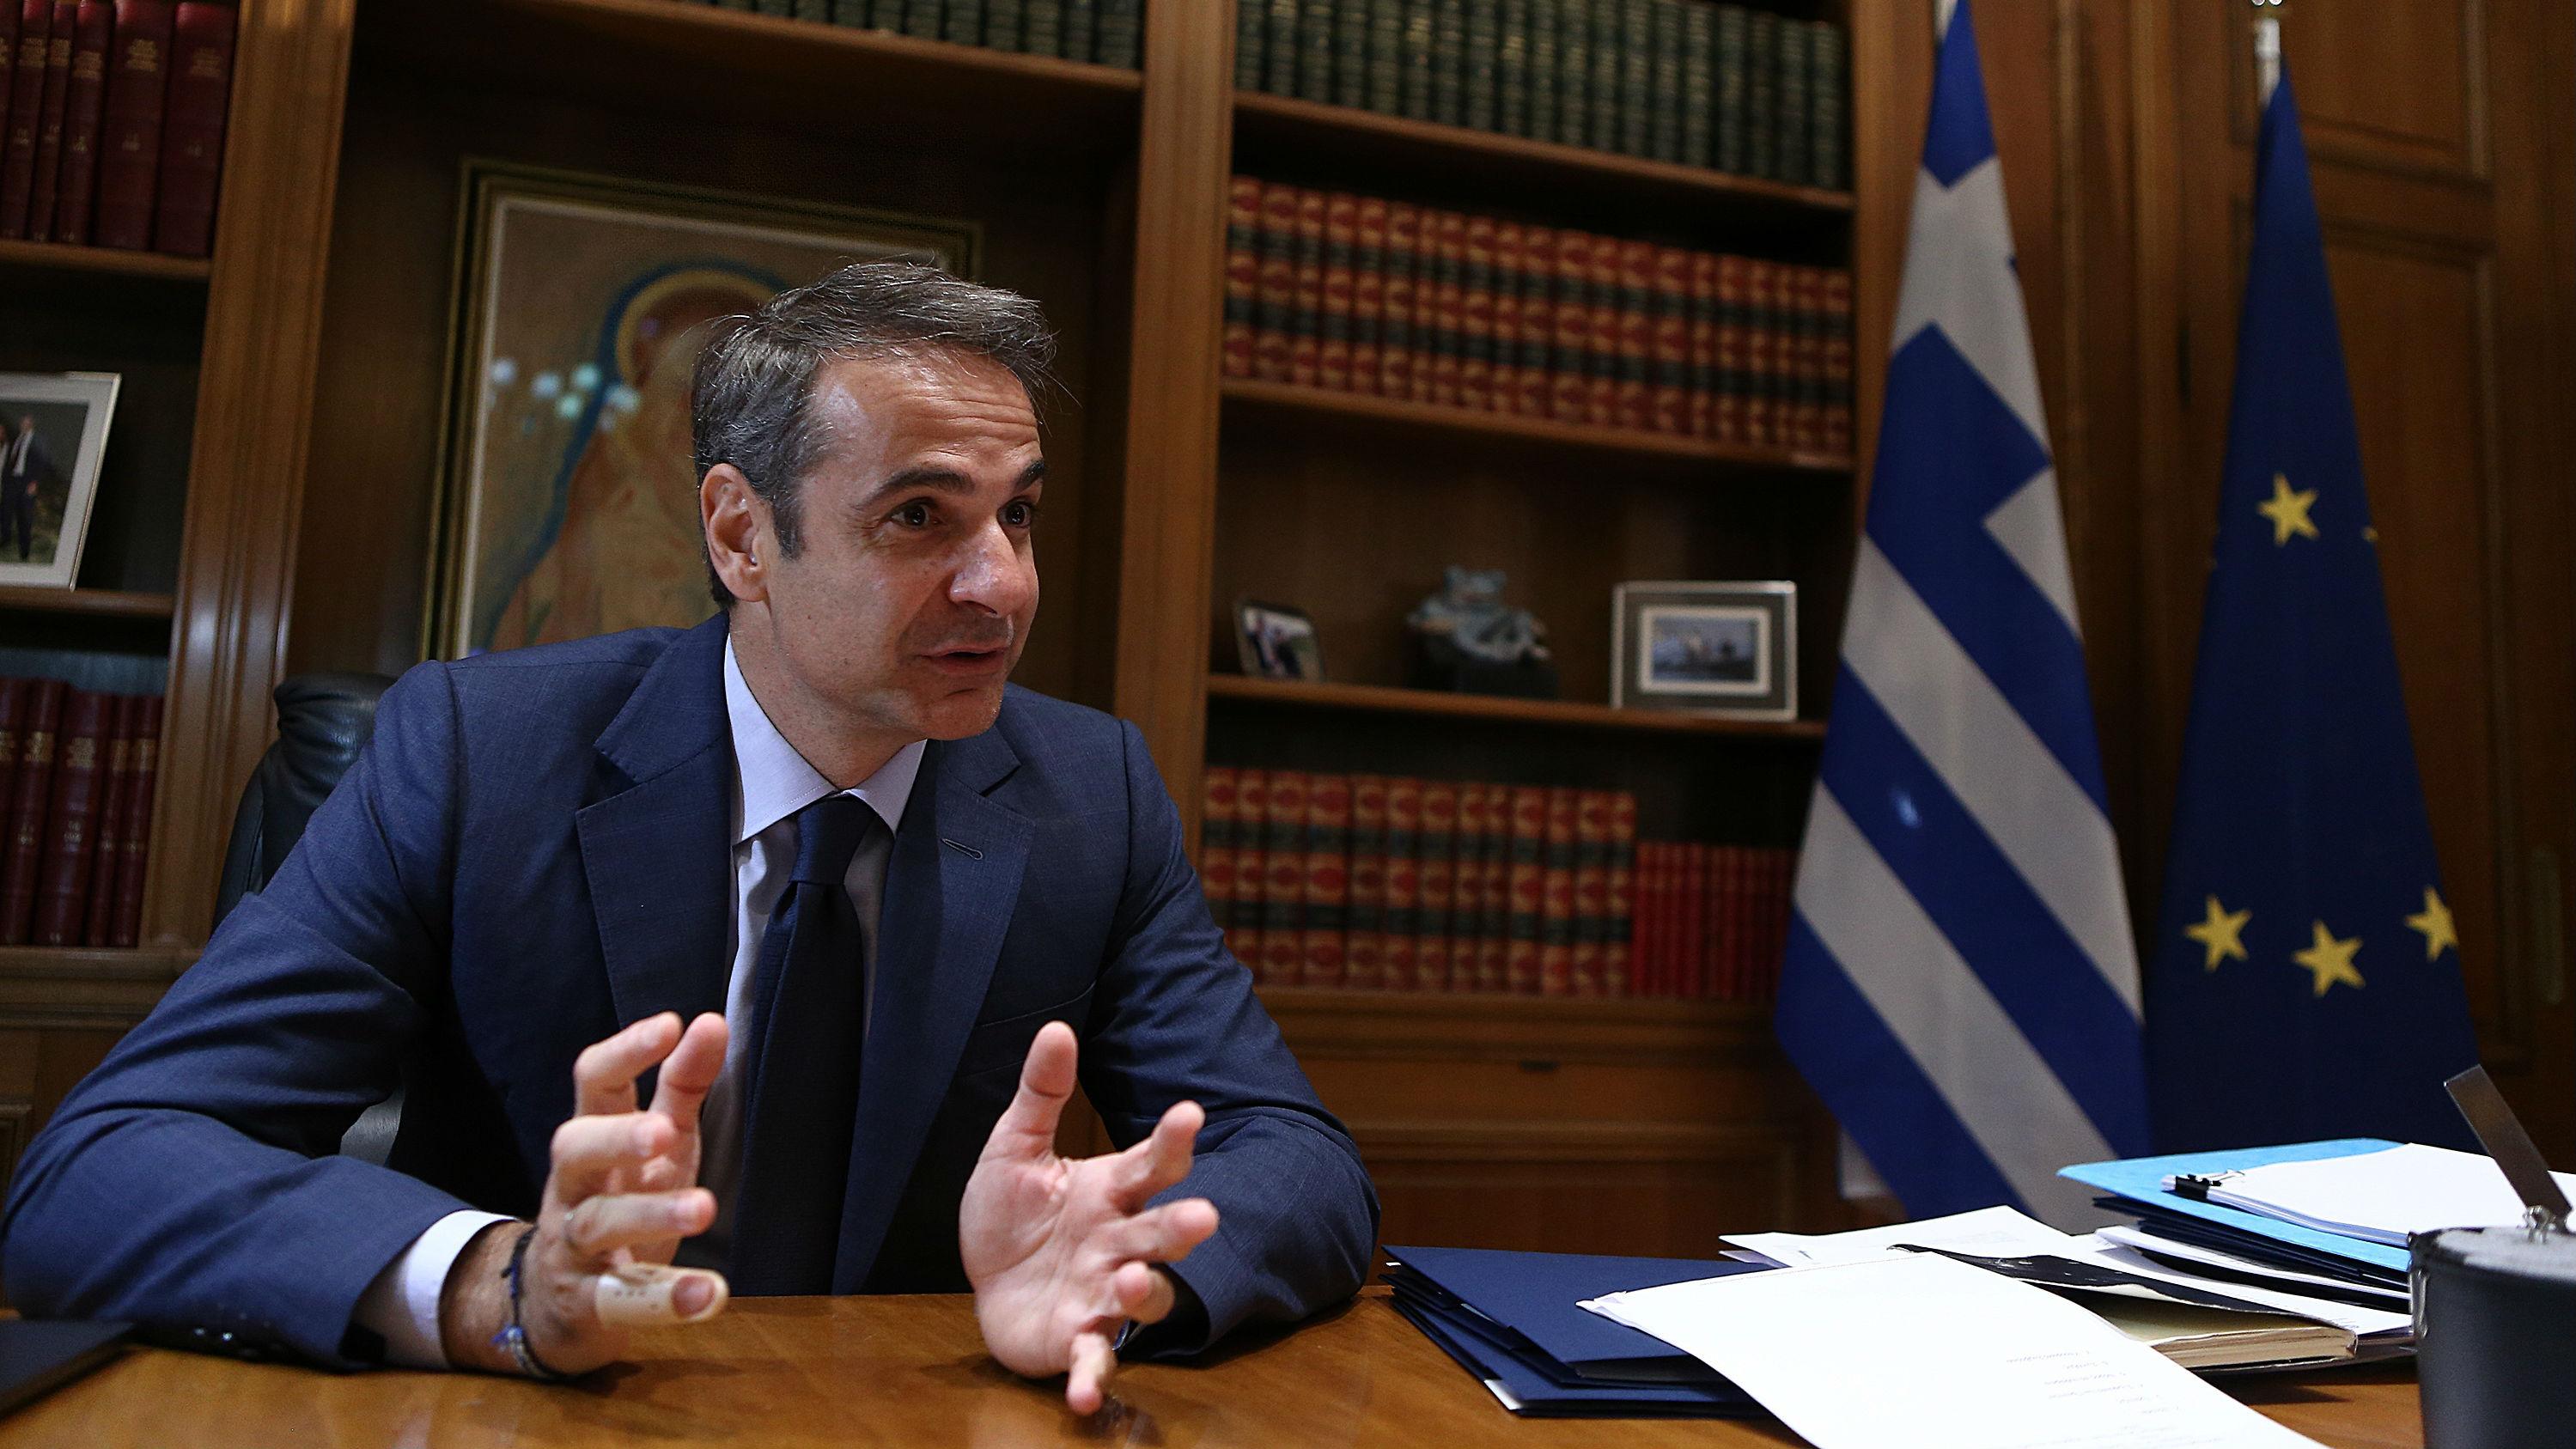 德媒:中國希臘越走越近 兩國有望在多領域深化合作發展